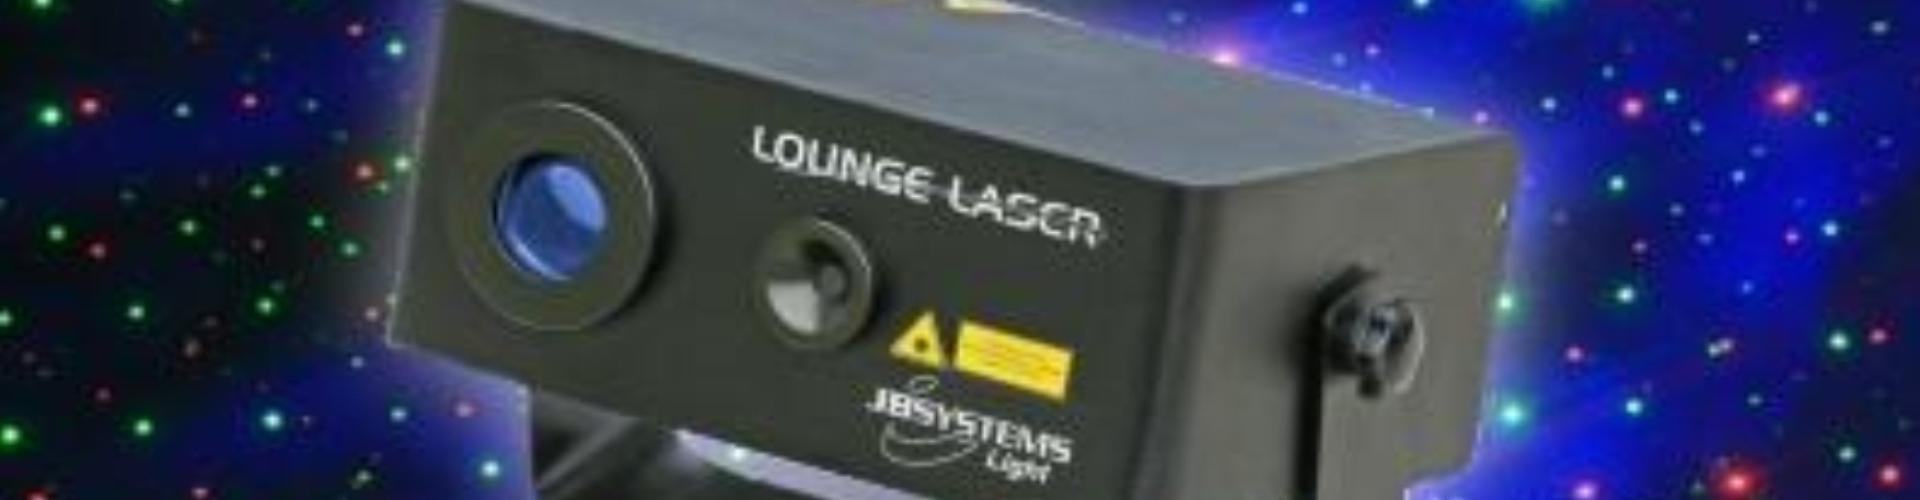 Lounge Laser boeken als special effect